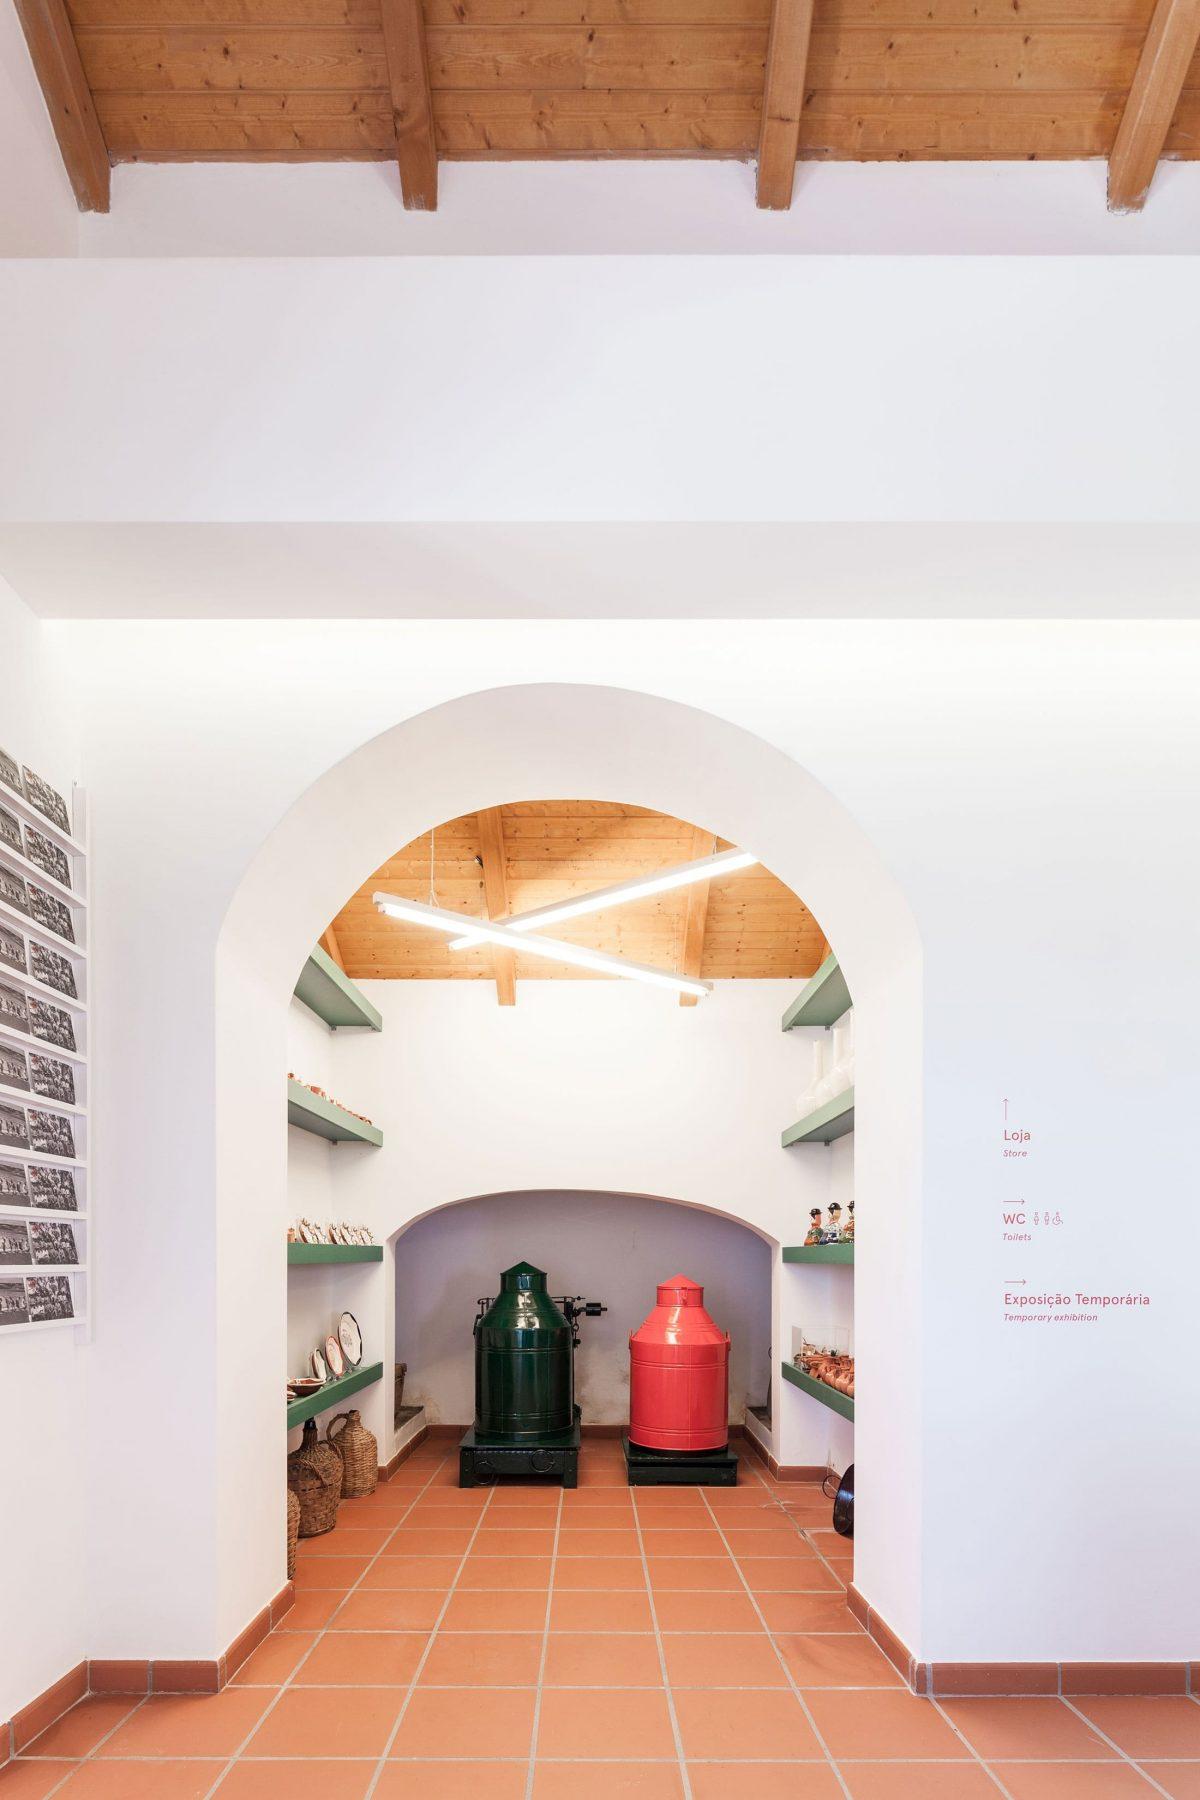 dc ad museum barroca architecture 13